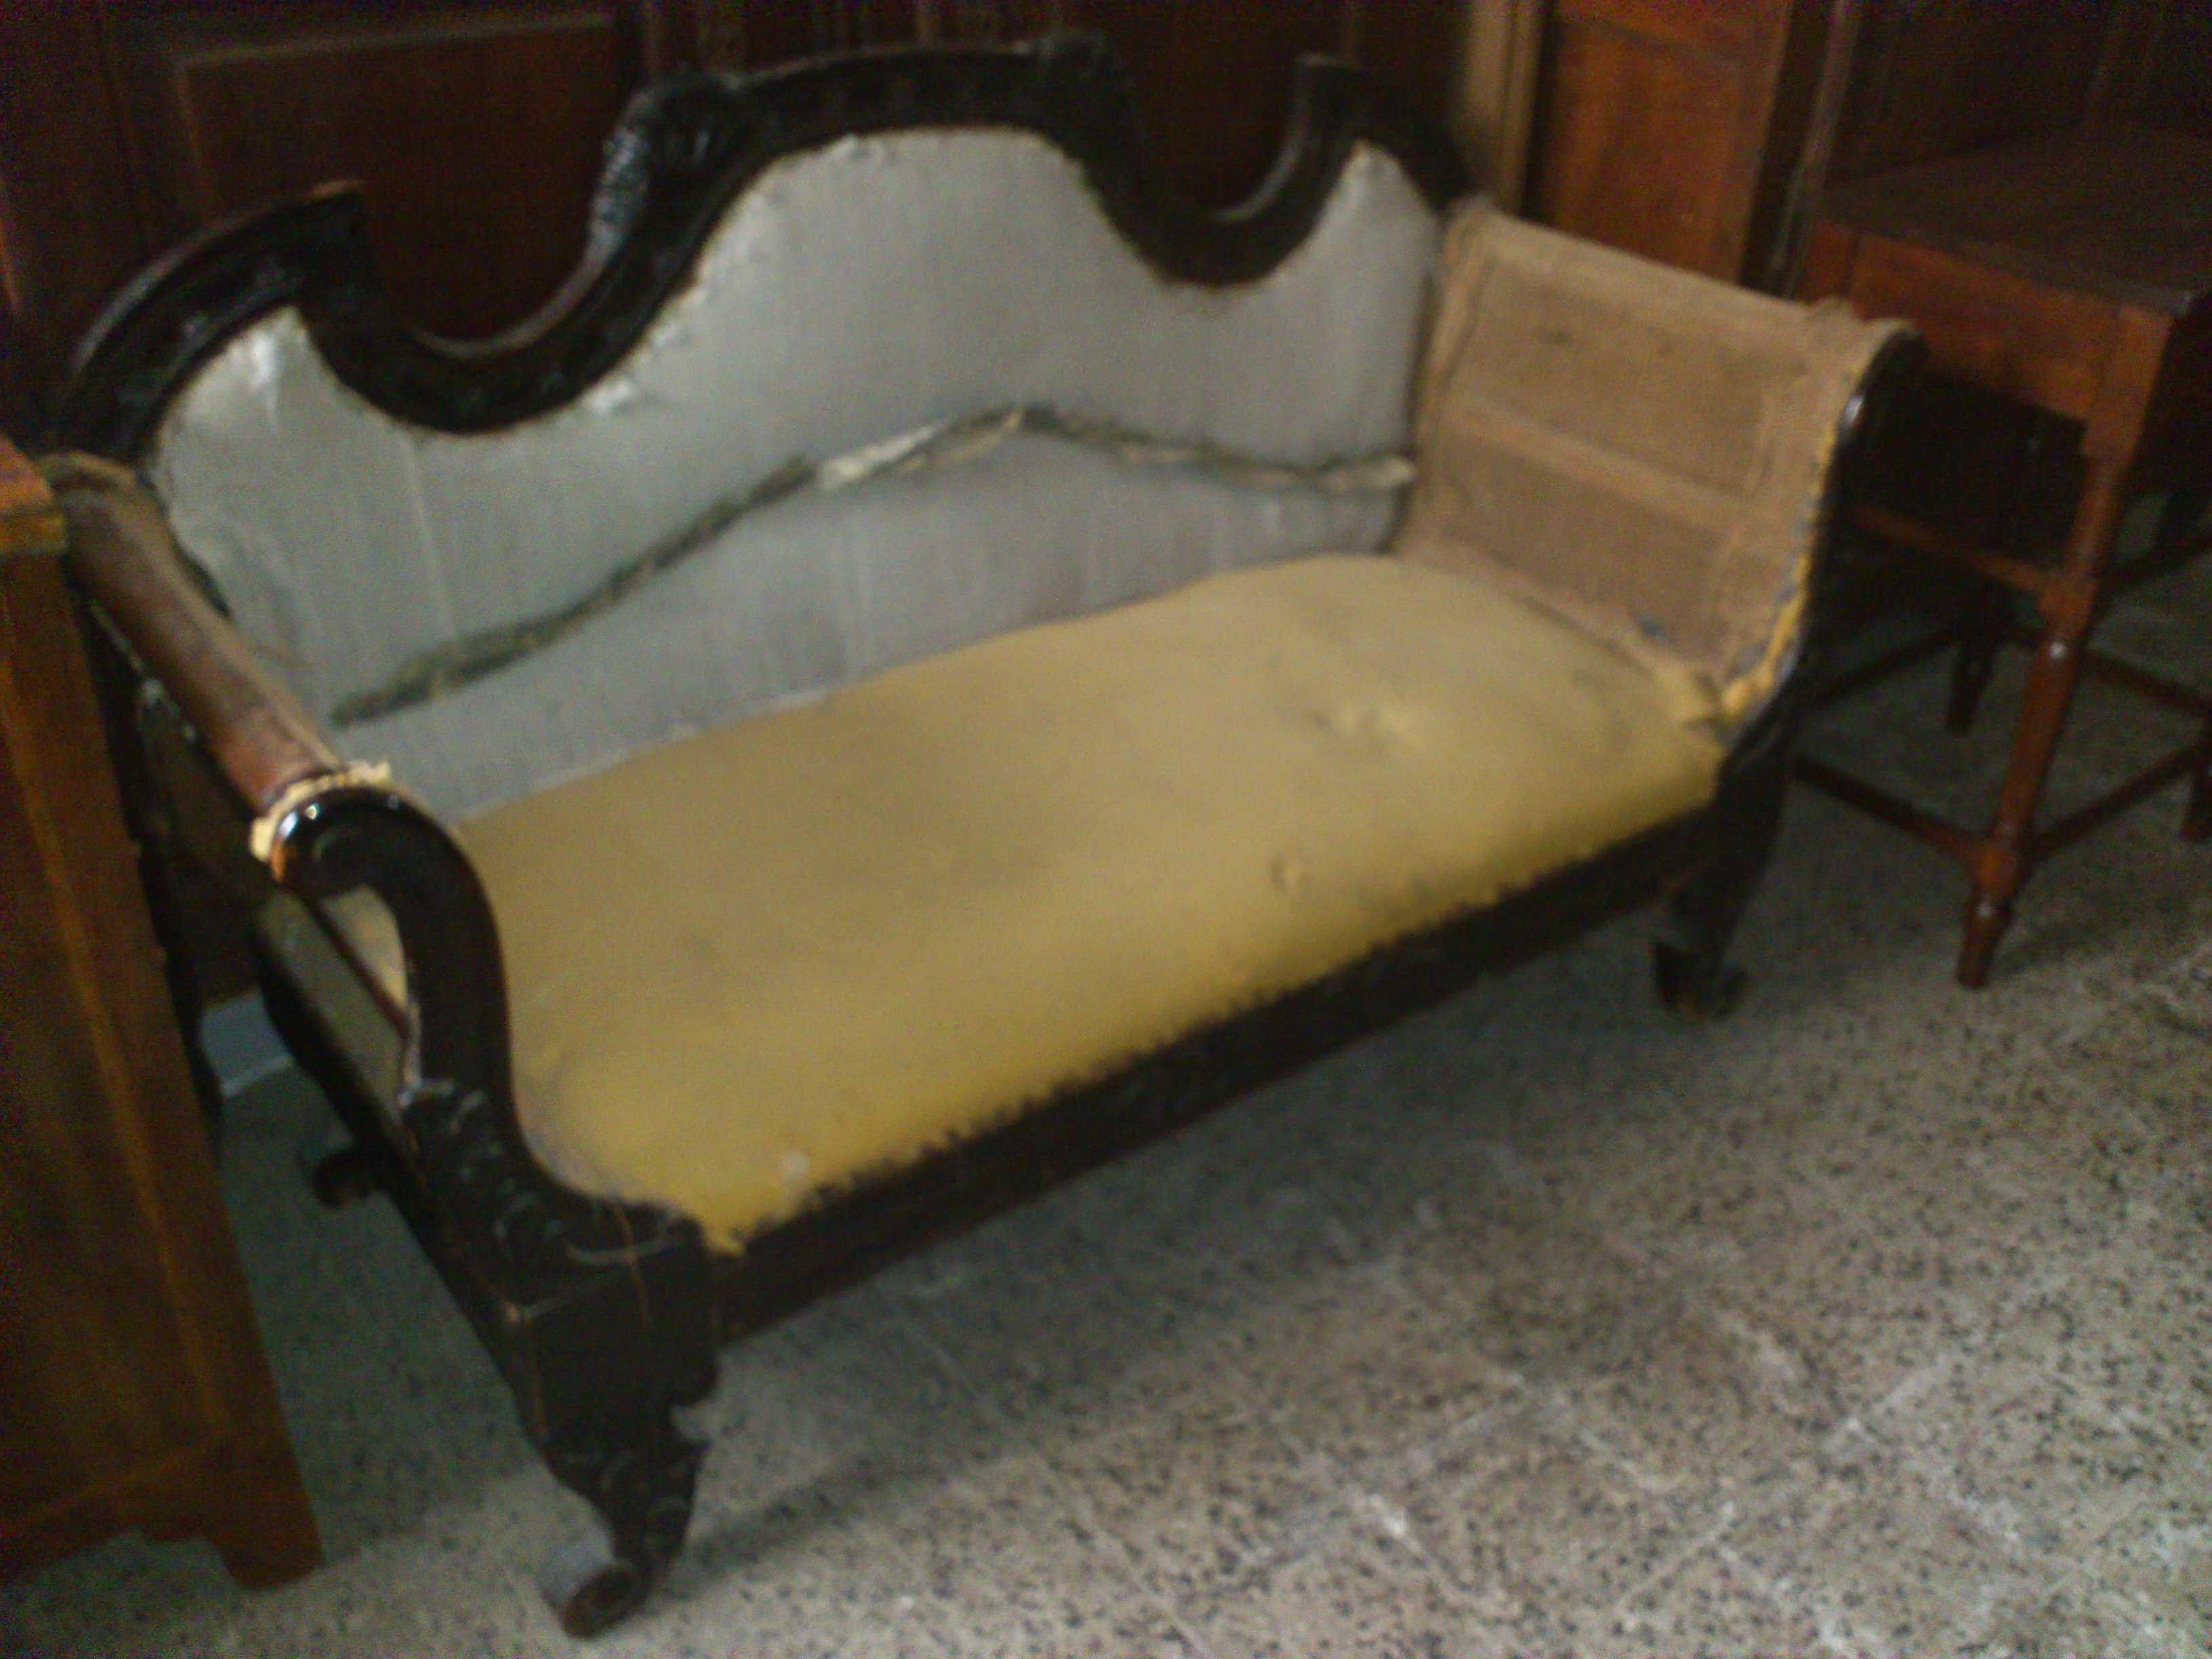 Divano luigi filippo arredamento mobili antiquariato musetti - Divano luigi filippo ...